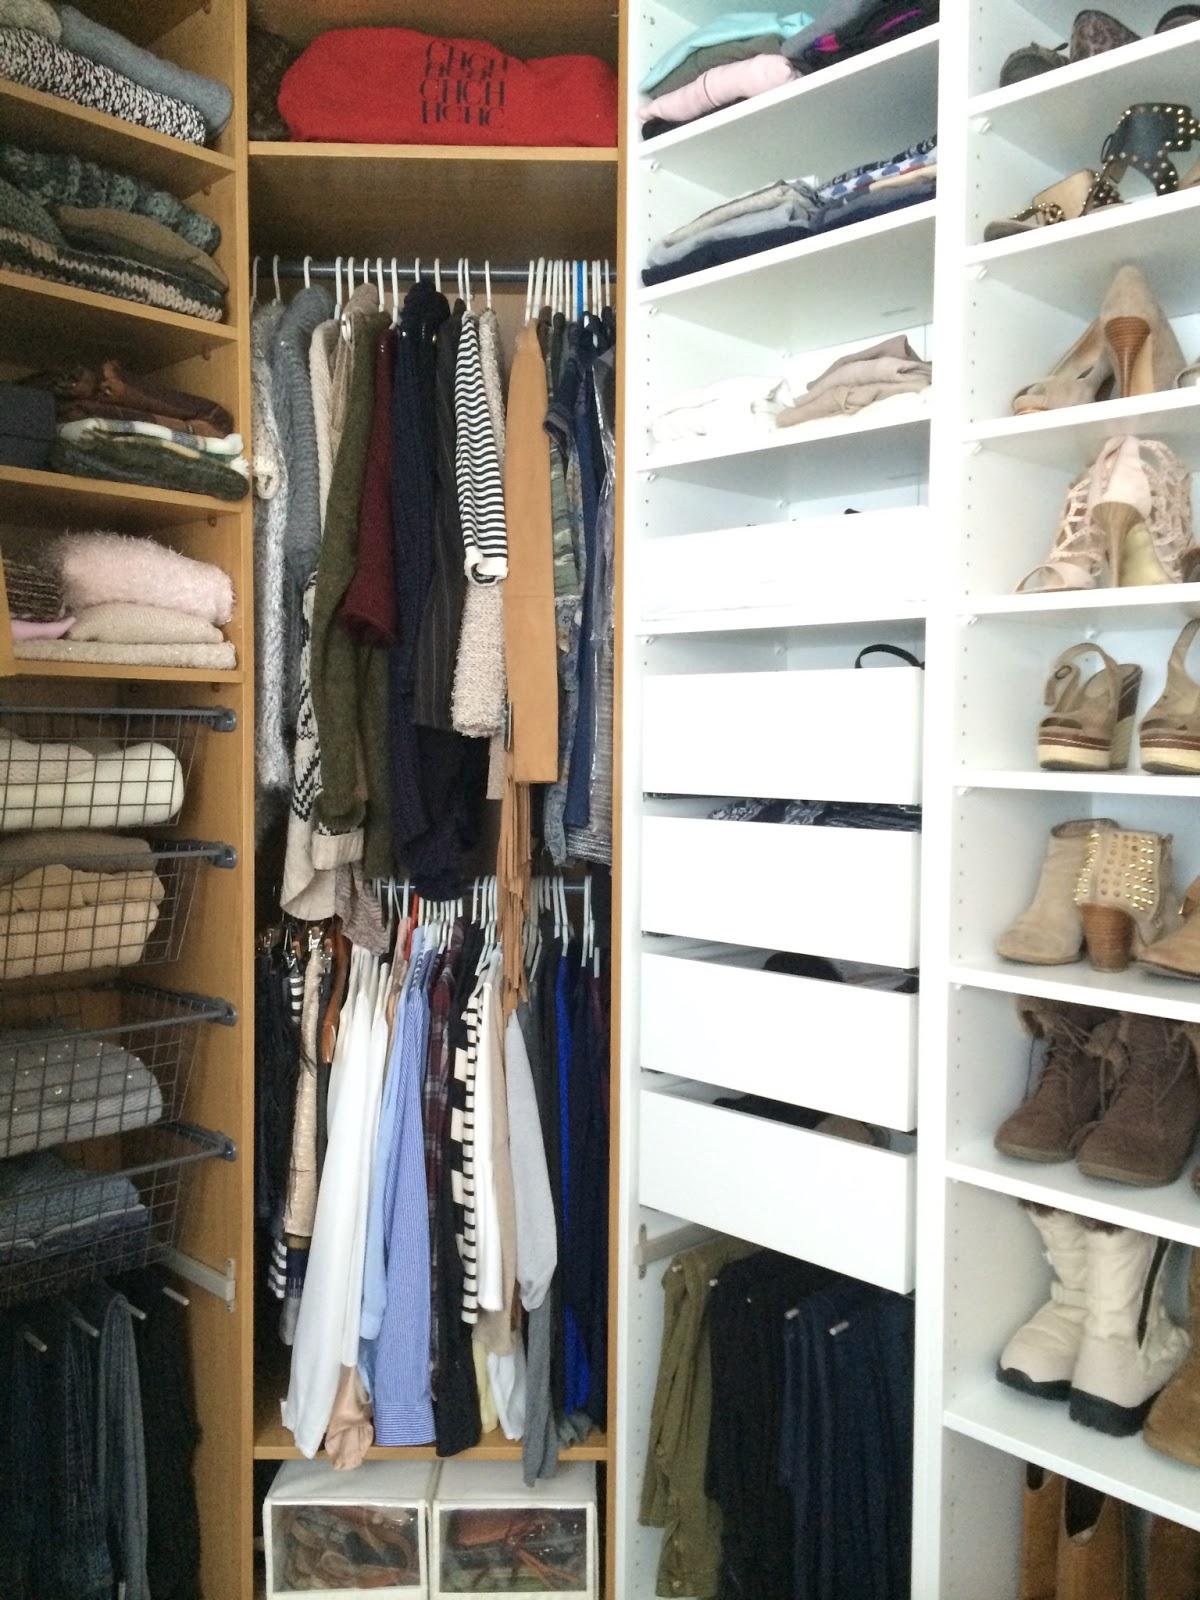 De armario a vestidor s l o a n e s t r e e t for Interior de armarios ikea